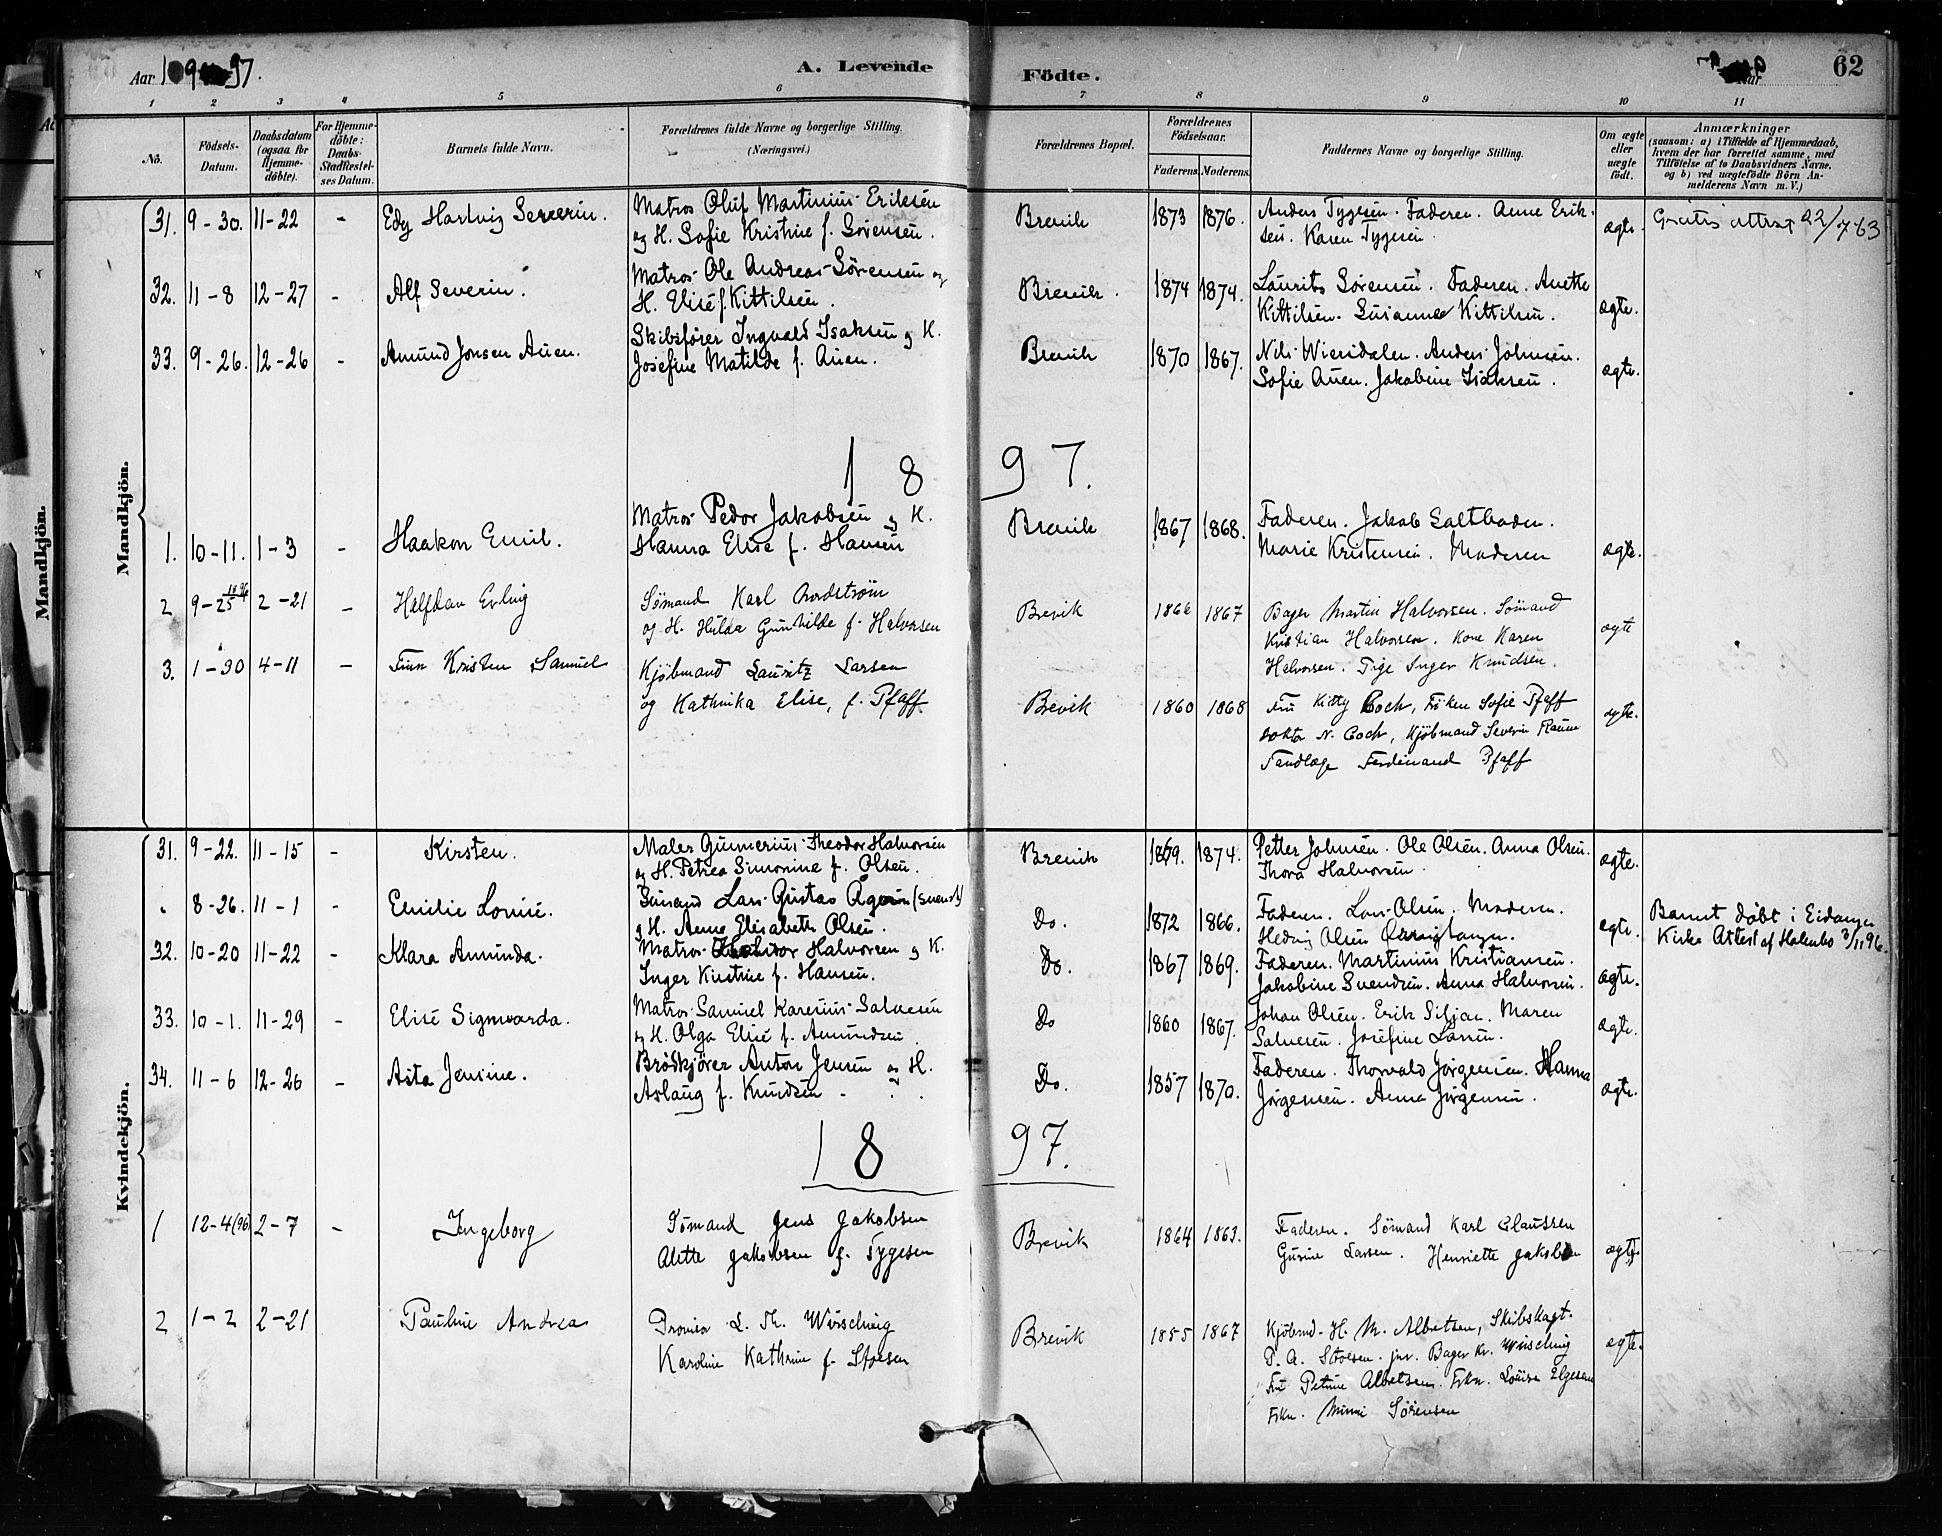 SAKO, Brevik kirkebøker, F/Fa/L0007: Ministerialbok nr. 7, 1882-1900, s. 62